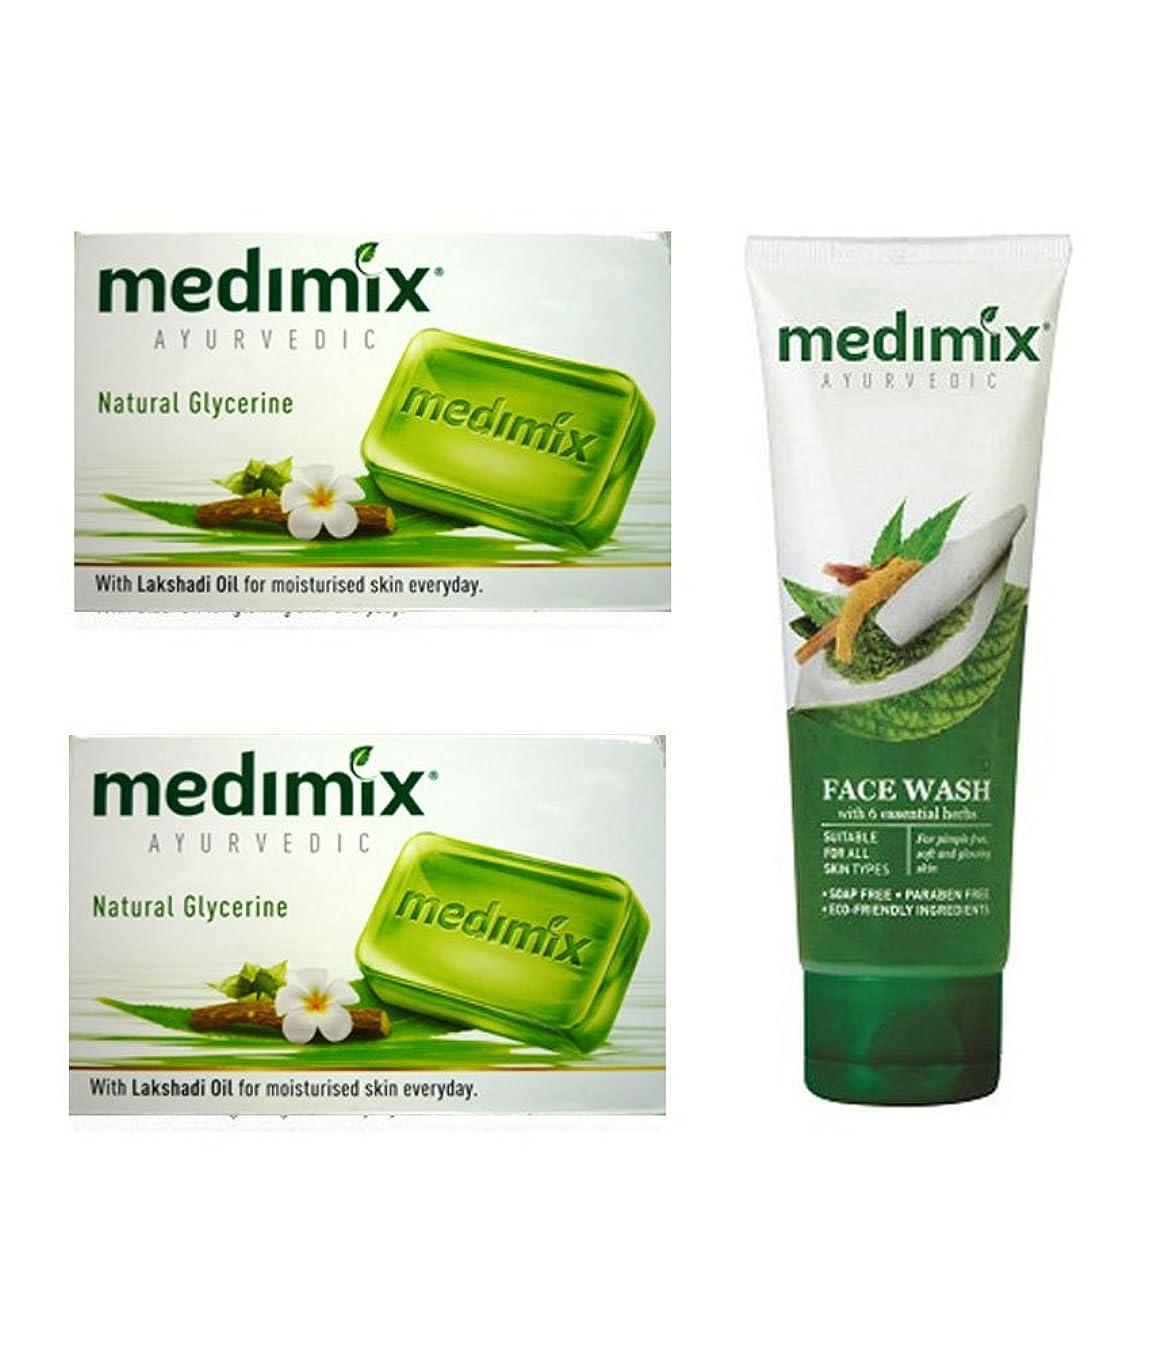 浸漬不潔文献MEDIMIX メディミックスナチュラルグリセリン石鹸2個 メディミックス洗顔料100ML